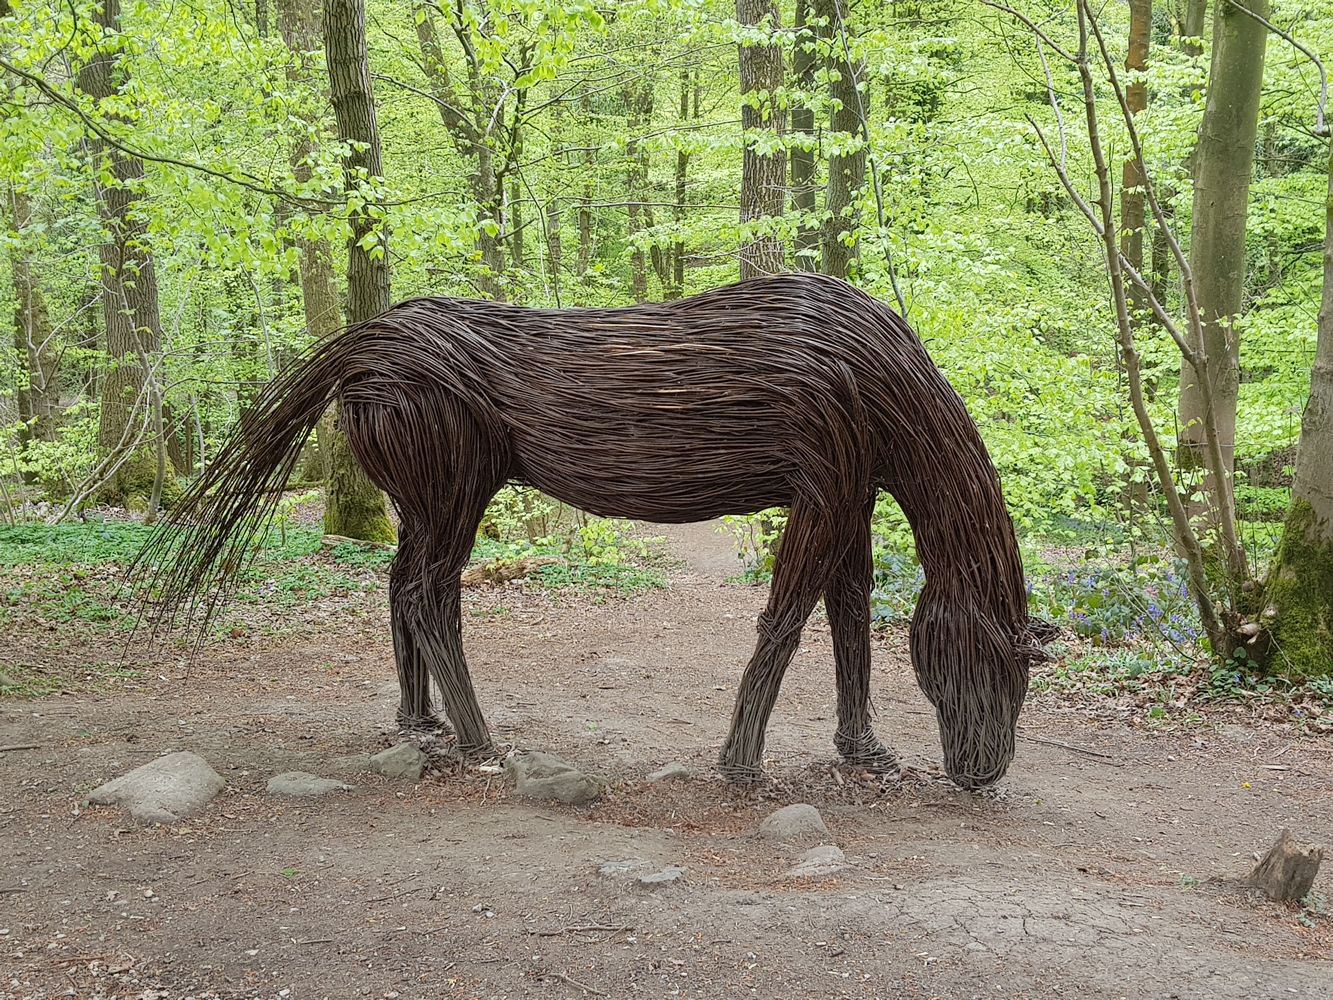 Wicker Horse